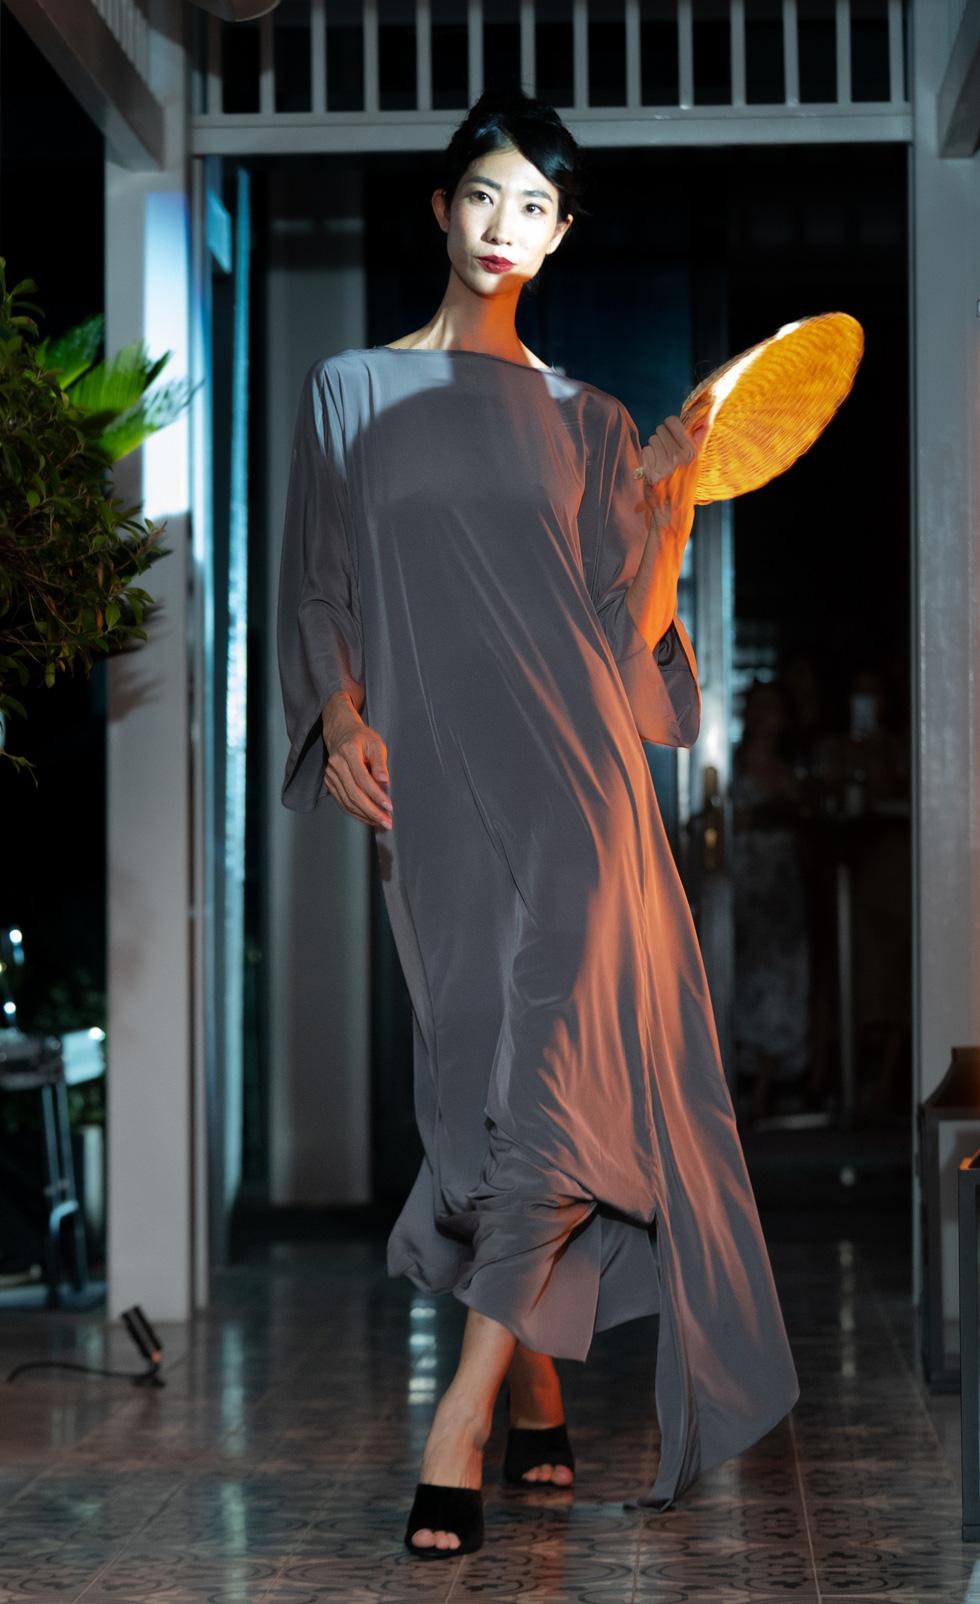 Nhà thiết kế Li Lam: Thời trang liên quan đến nội tâm nhiều hơn những gì hào nhoáng bên ngoài - Ảnh 11.